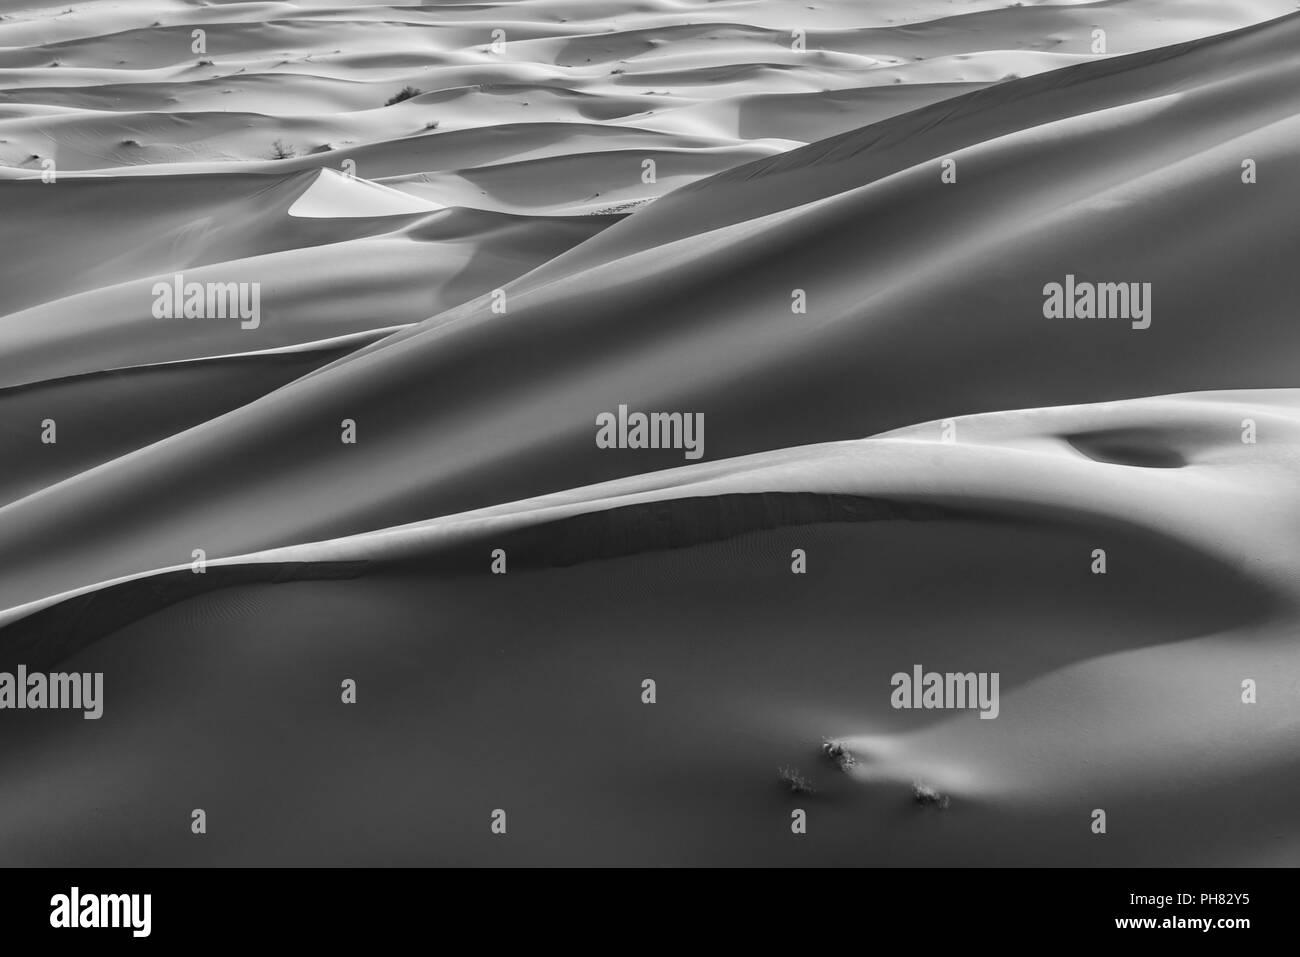 Dunes de sable dans le désert, monochrome, Erg Chebbi, Merzouga, Sahara, Maroc Banque D'Images